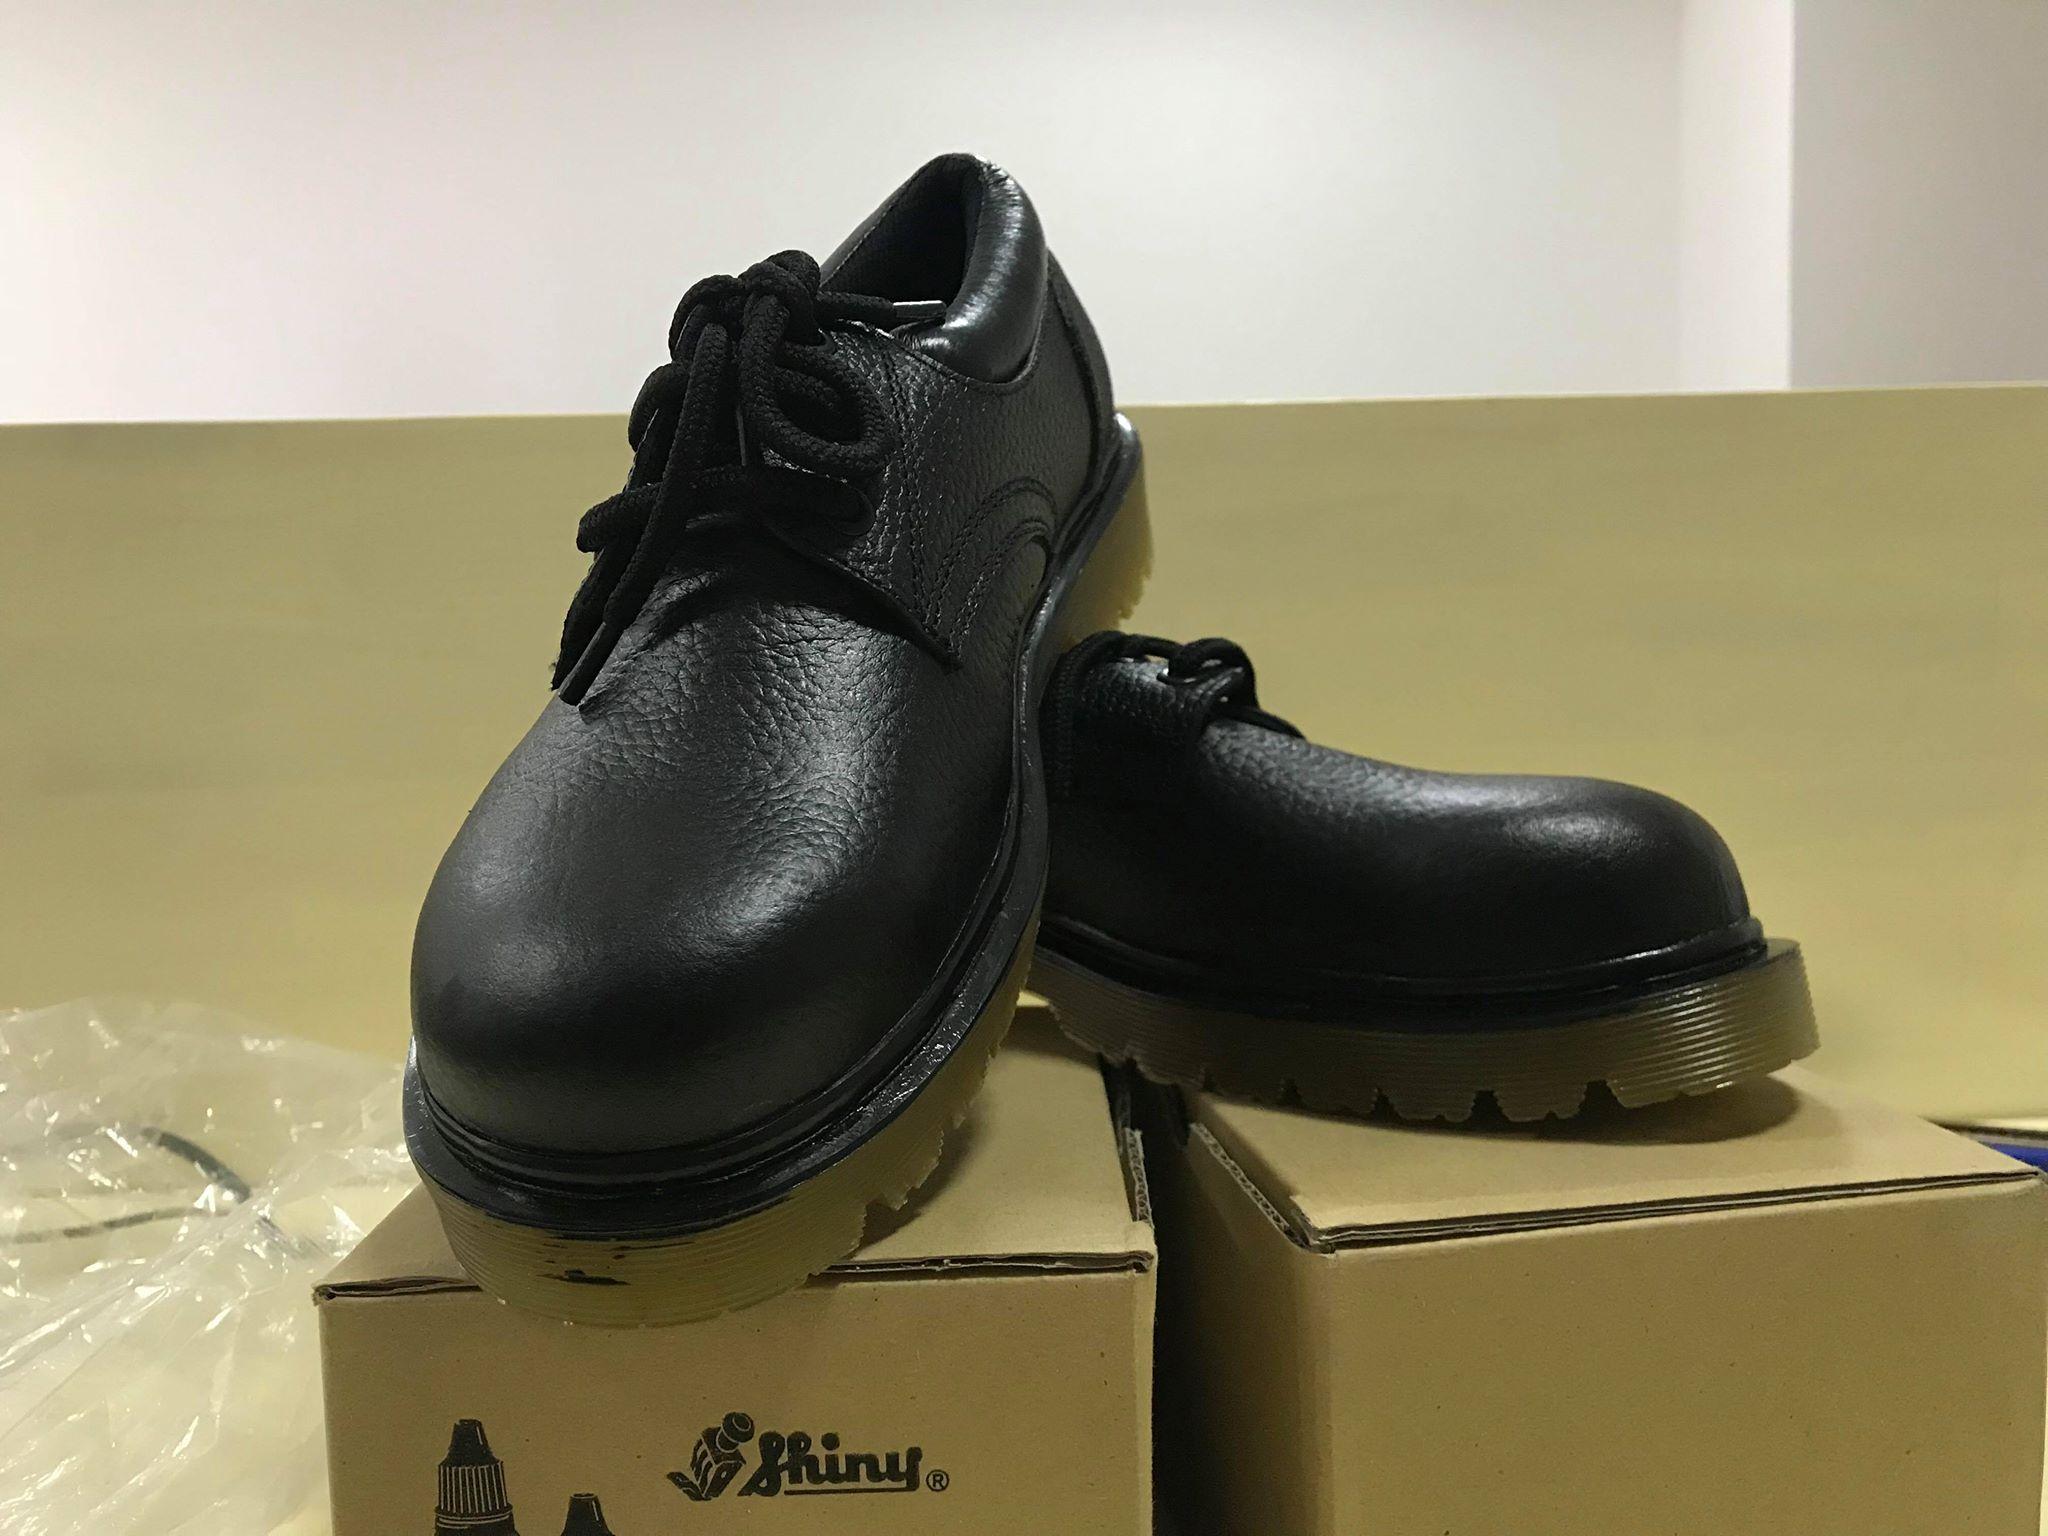 Giày bảo hộ lao động Xuân Lan đen mũi sắt